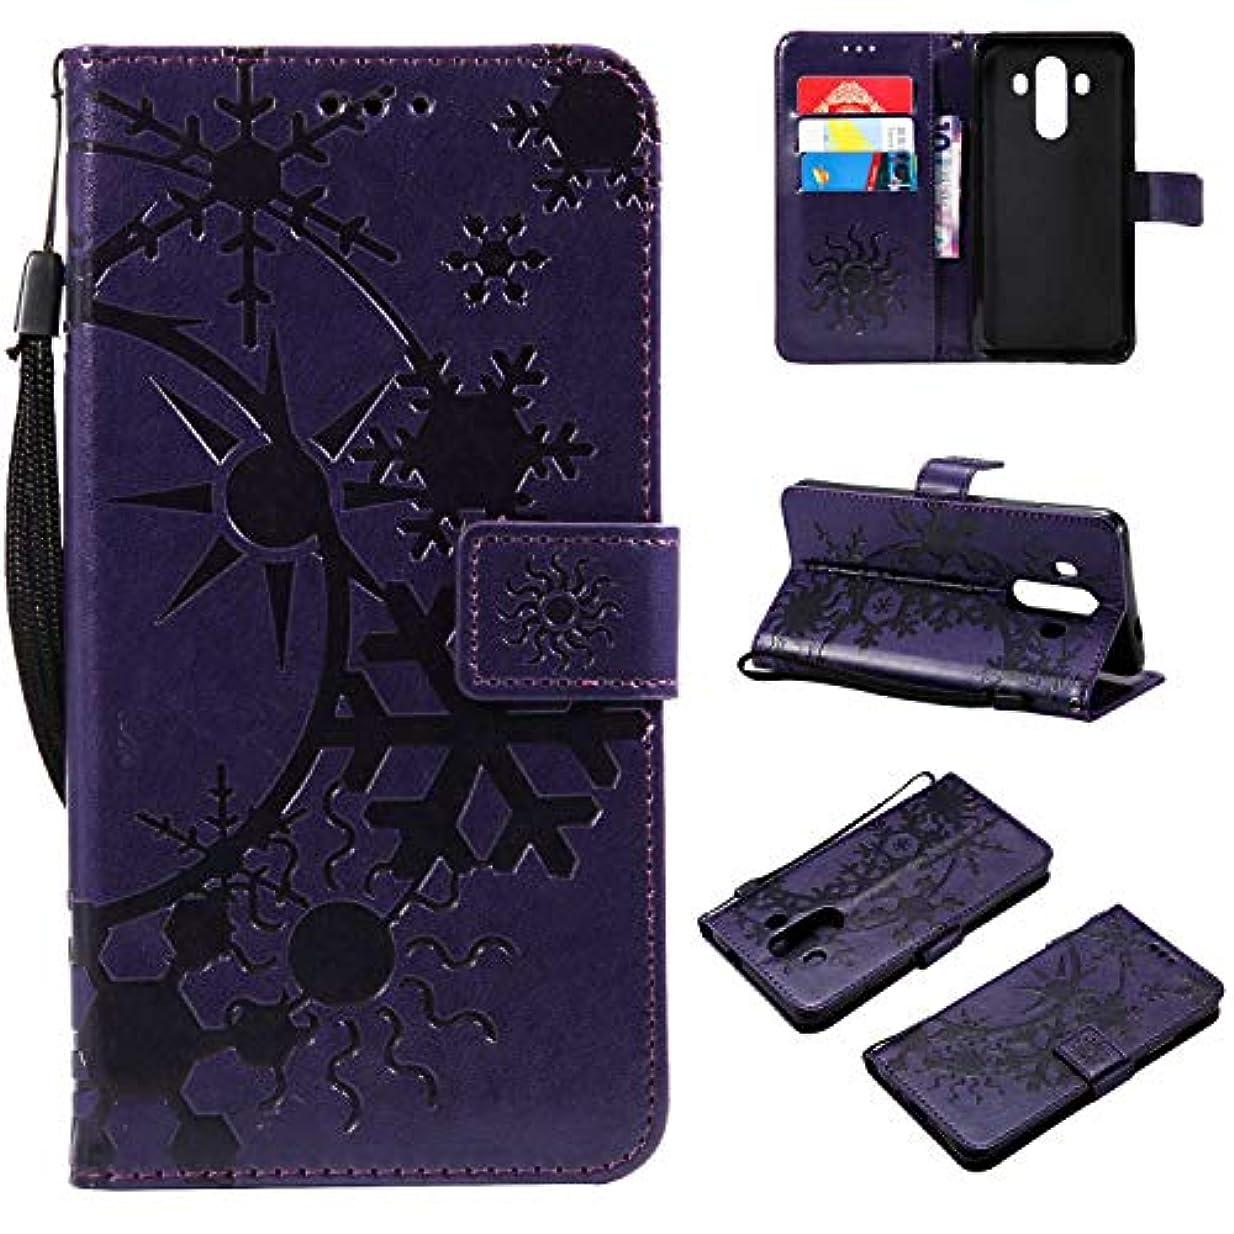 ランドマークしないでください供給HUAWEI Mate 10 Plus ケース CUSKING 手帳型 ケース ストラップ付き かわいい 財布 カバー カードポケット付き ファーウェイ Mate 10 Plus マジックアレイ ケース - パープル